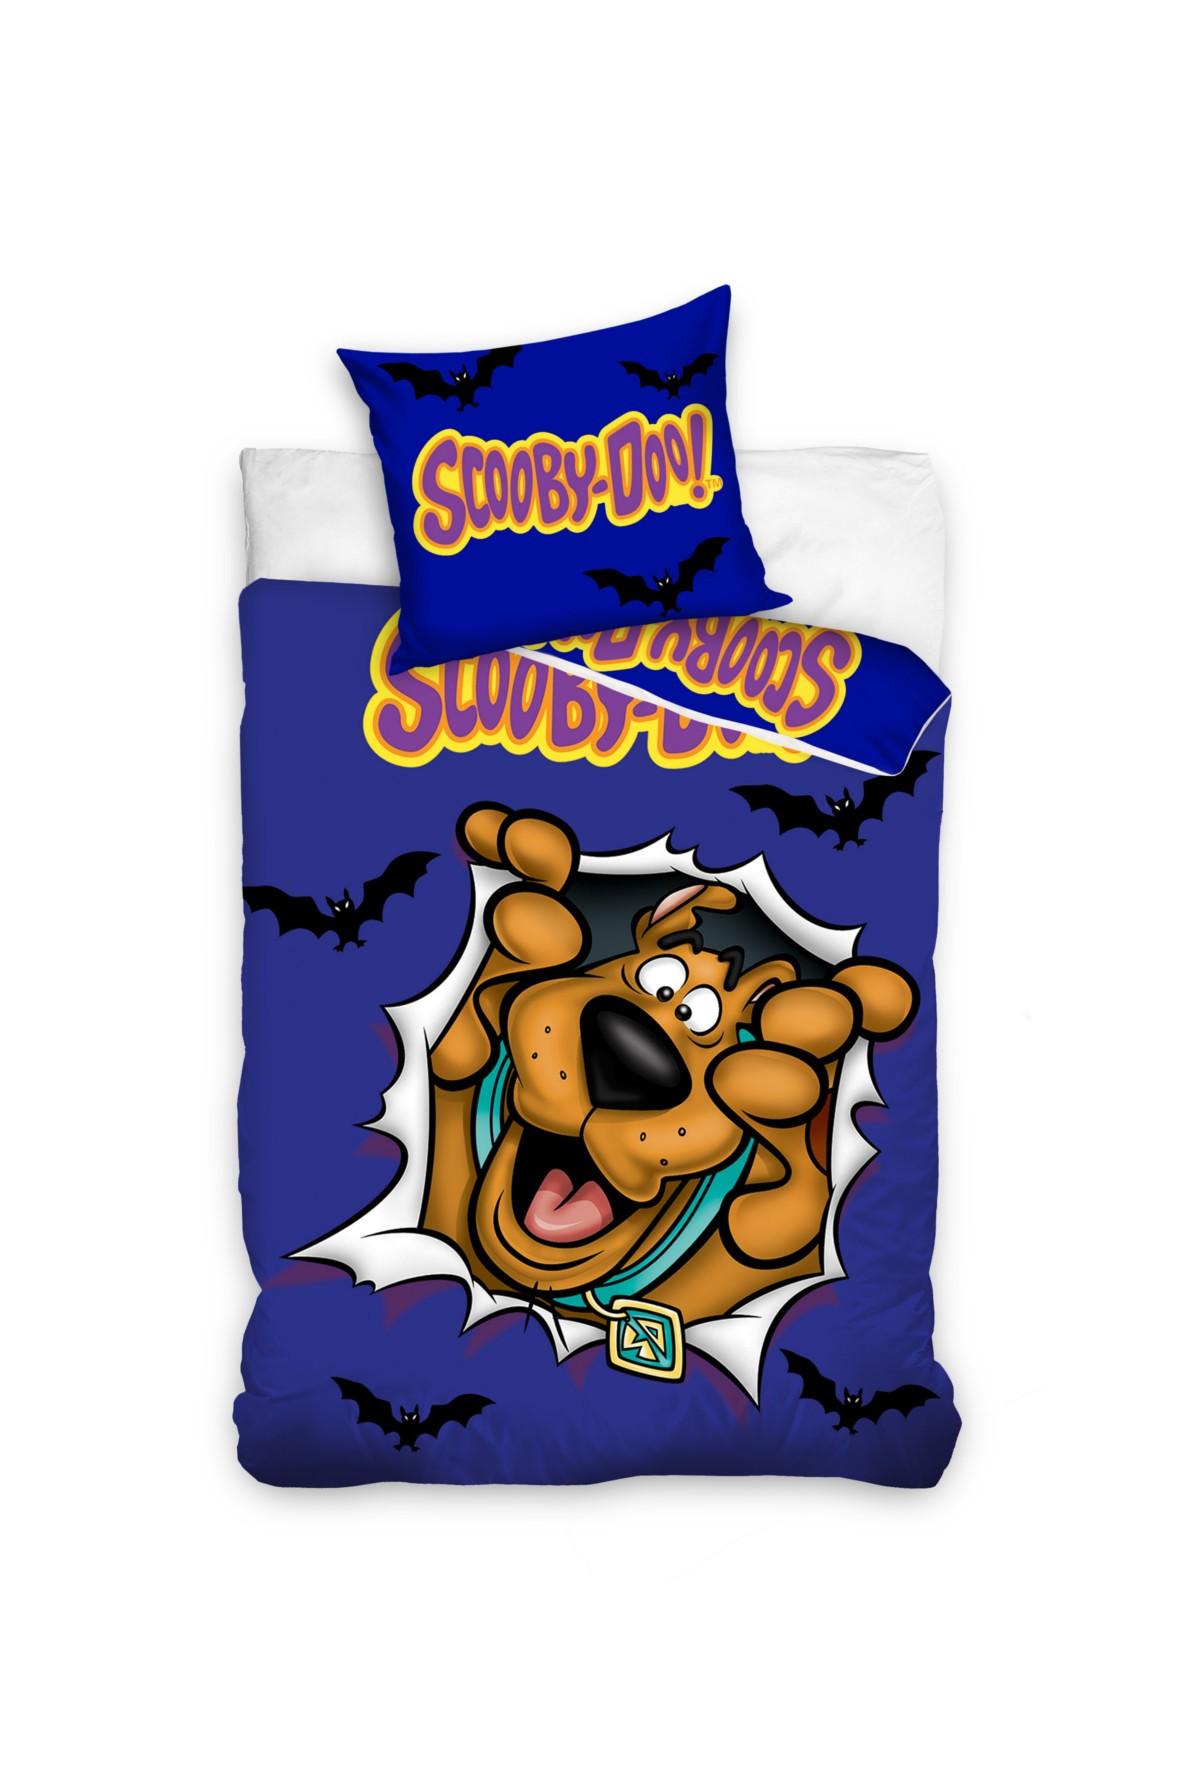 Pościel bawełna Scooby Doo 160x200+70x80 cm